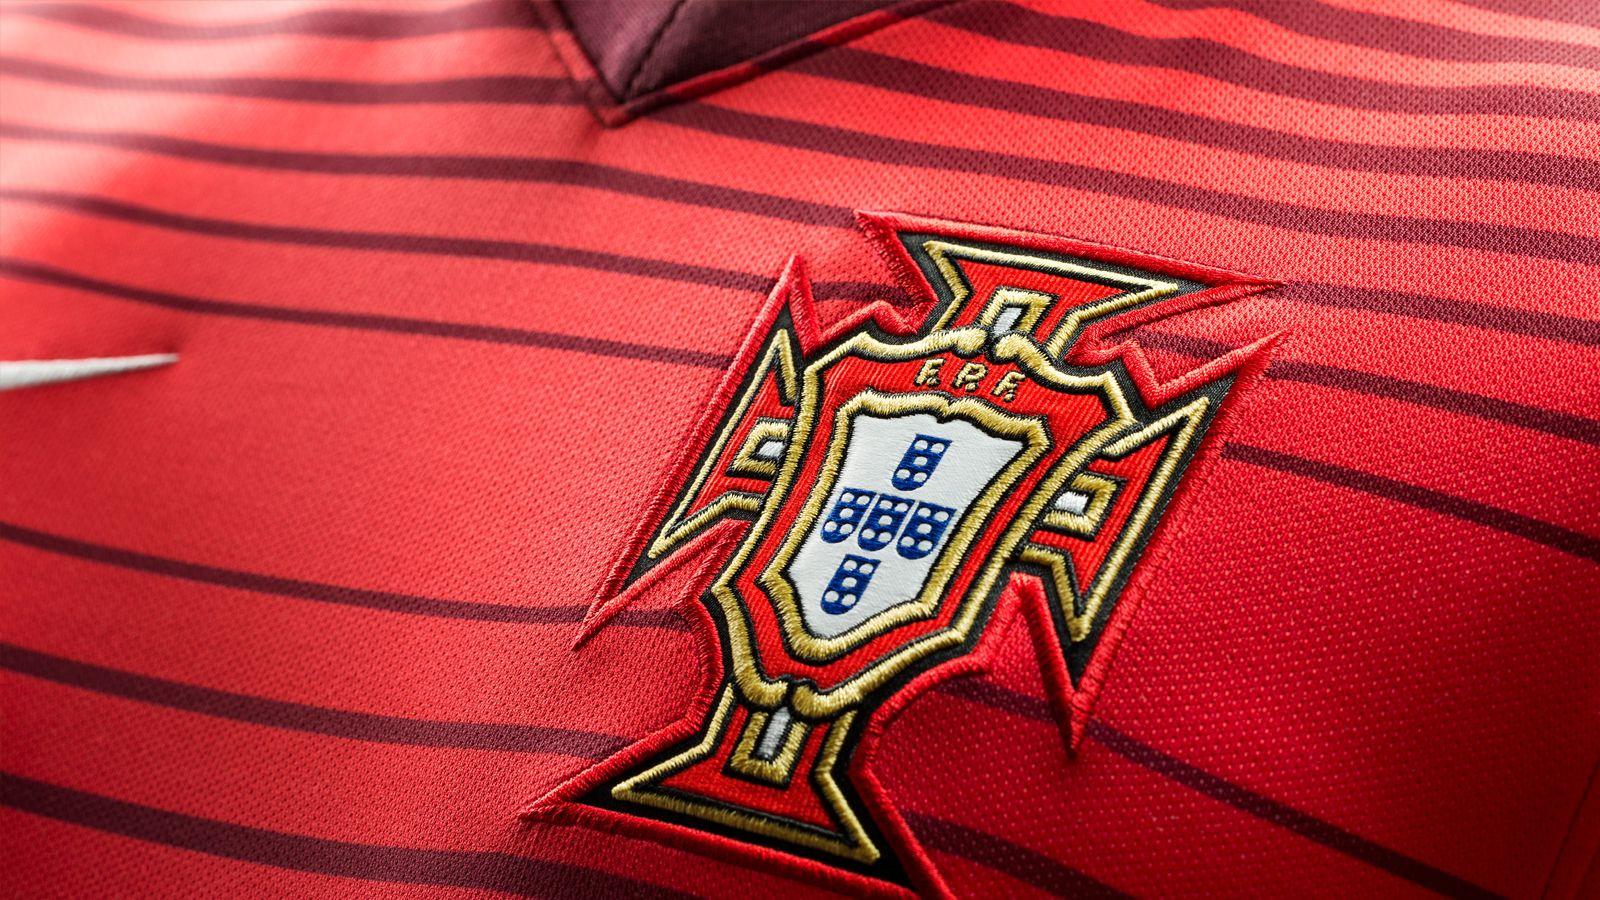 Entdecke das Portugal Trikot Nikecom DE 1600x900